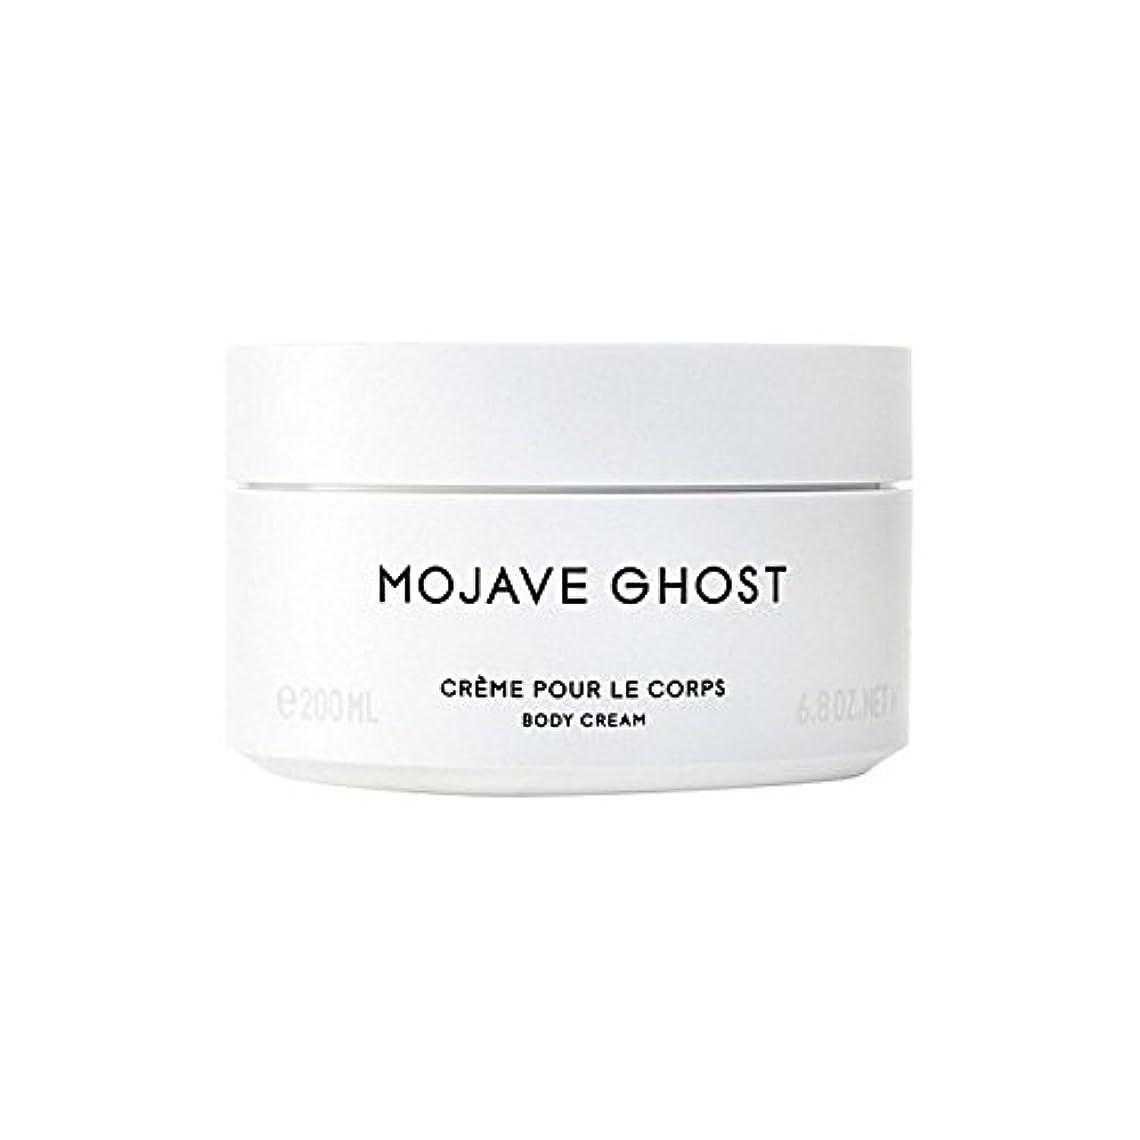 コールド満たすサイクルByredo Mojave Ghost Body Cream 200ml (Pack of 6) - モハーベゴーストボディクリーム200ミリリットル x6 [並行輸入品]